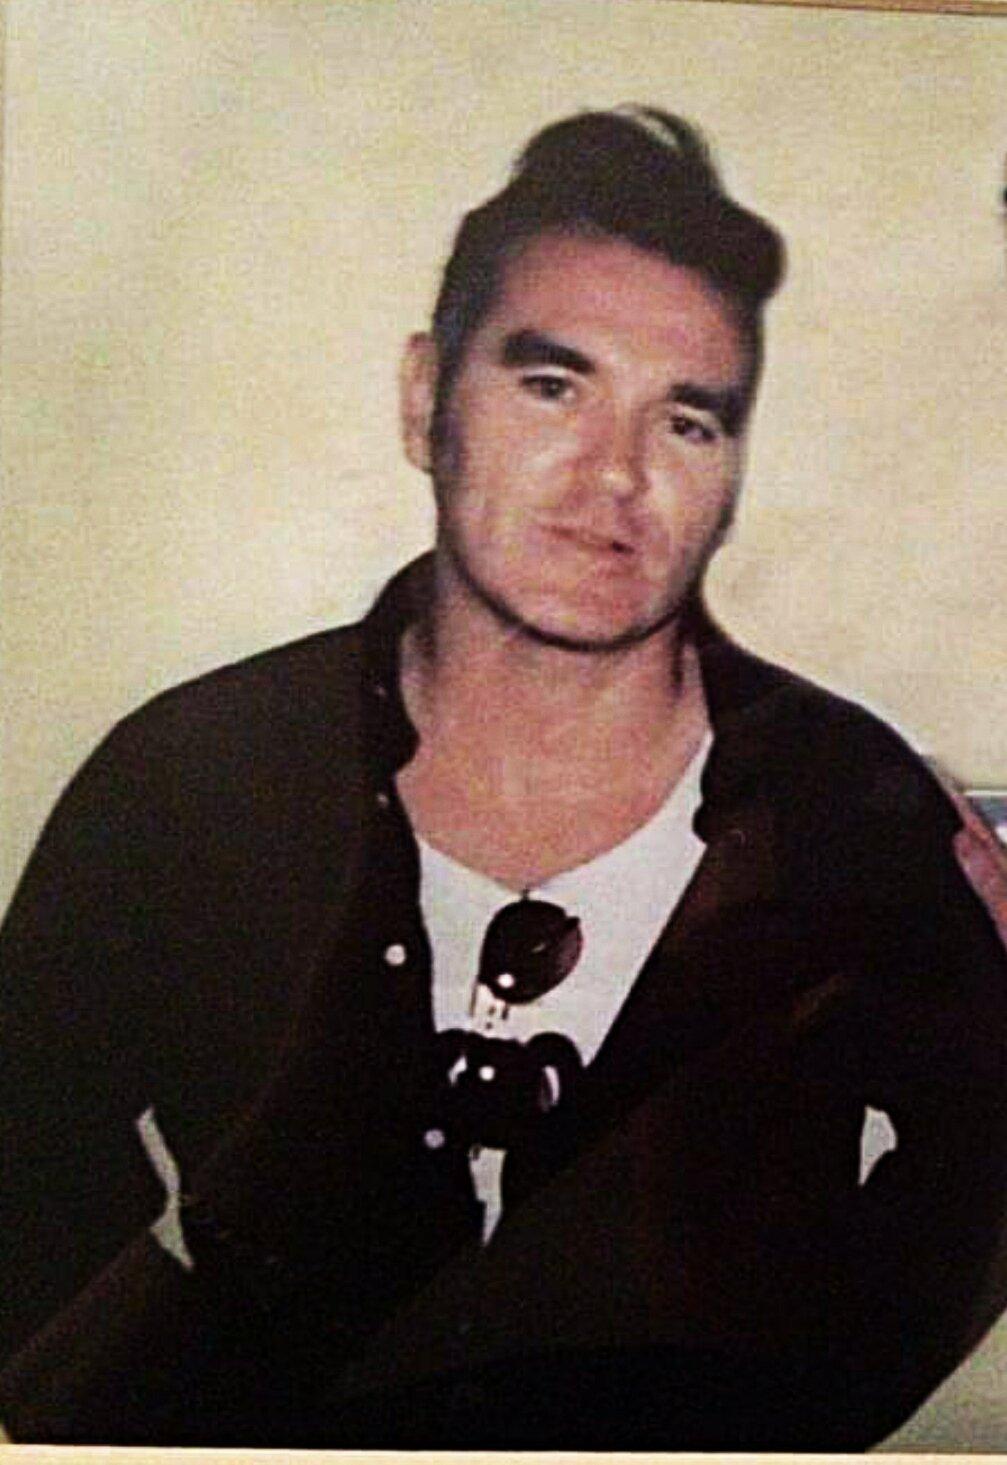 Morrissey Dublin 2003.jpg